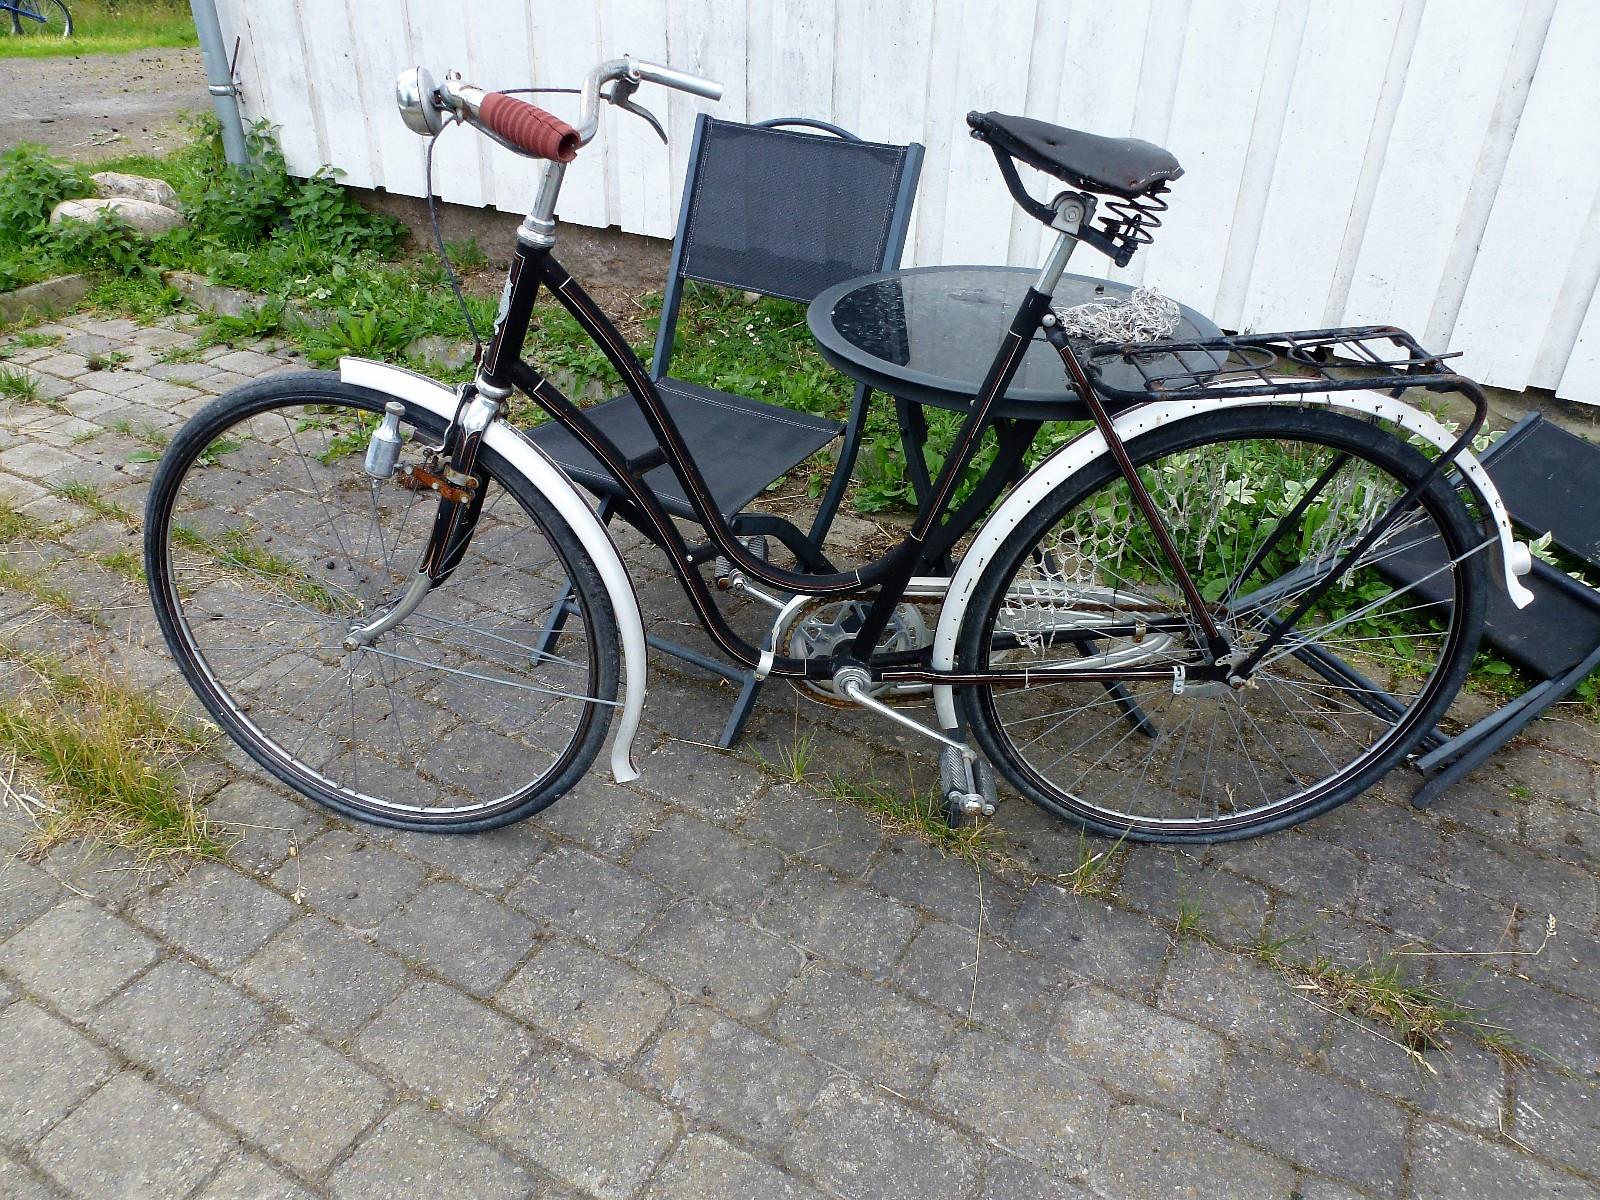 """Samleobjekt - sykkel - Shelby - Roa  - Trolig fra 30-tallet. Merke: Shelby. Veldig fin lakk, og fremstår som meget bra utgangspunkt for strøken """"oldtimer""""! Ønsker bud over Kr 1500,-. - Roa"""